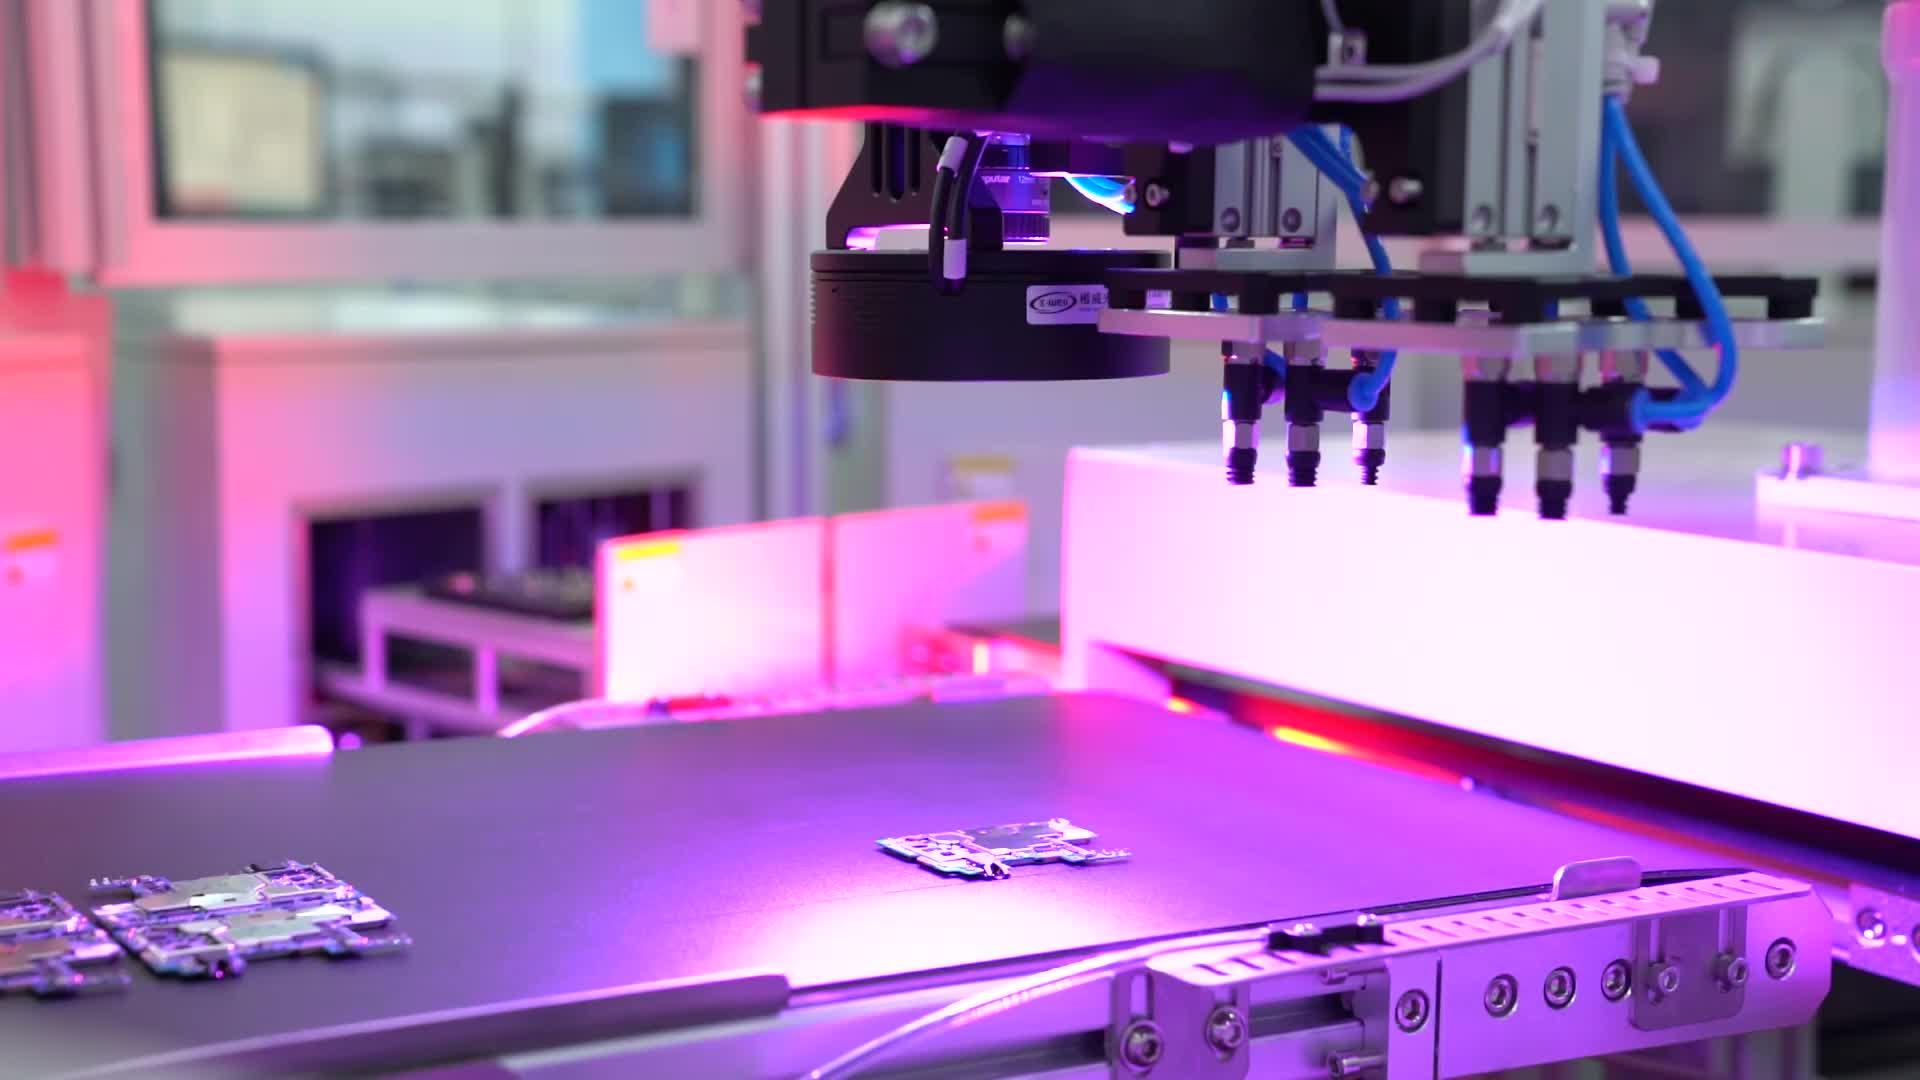 Choáng ngợp dàn robot hiện đại tại nhà máy sản xuất điện thoại Vsmart